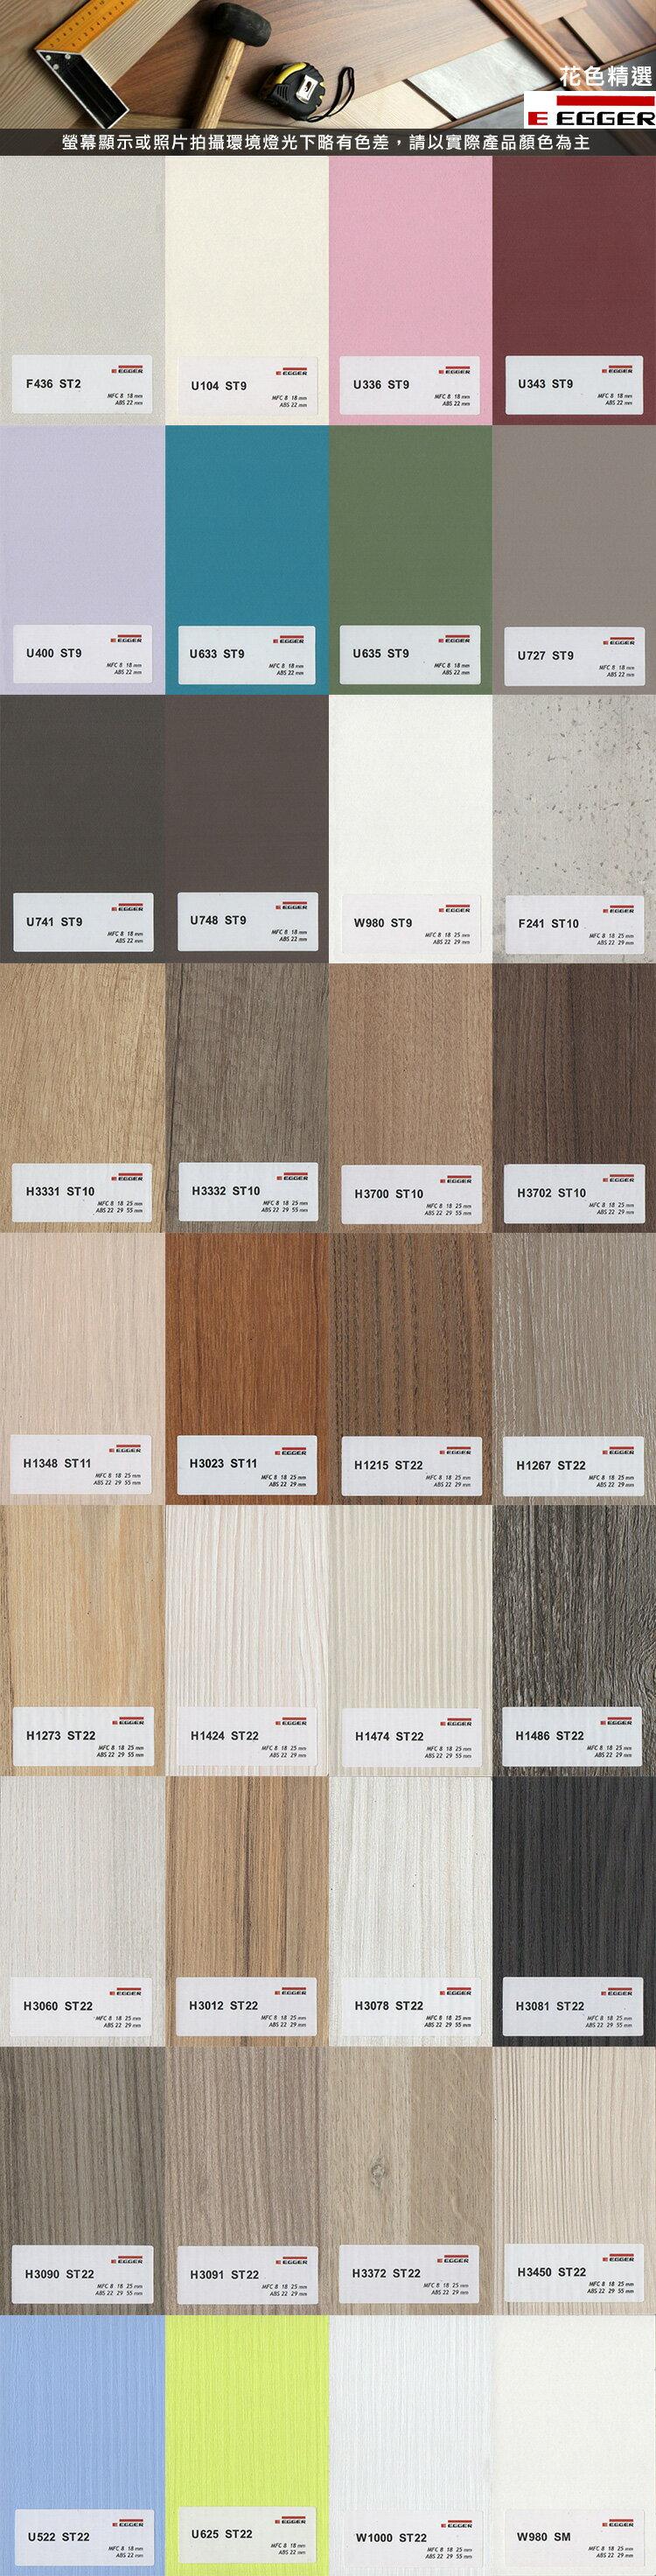 『全新嚴選』♞空間特工♞德國EGGER木地板木板板材 進口 超耐磨地板 塑合板 密集板 不變形 修繕裝潢 櫥櫃實木 1